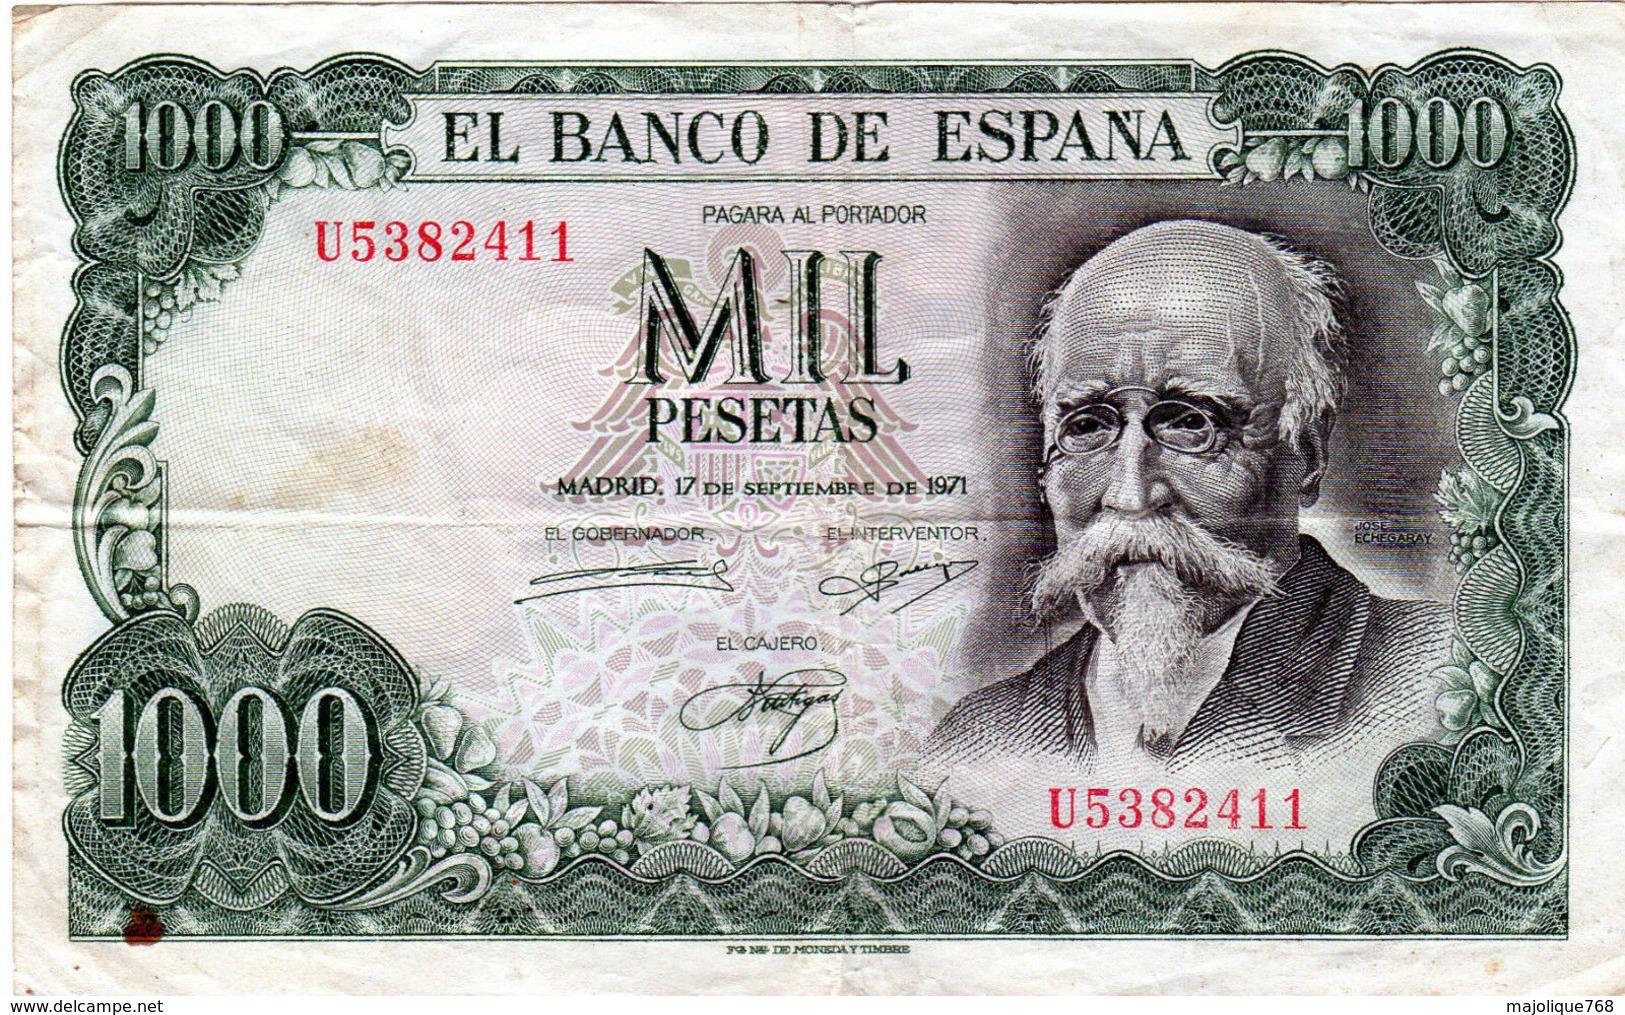 Billet De 1000 Pesetas - Espagne En T B - Le 17 Septembre 1971 - - 1000 Pesetas